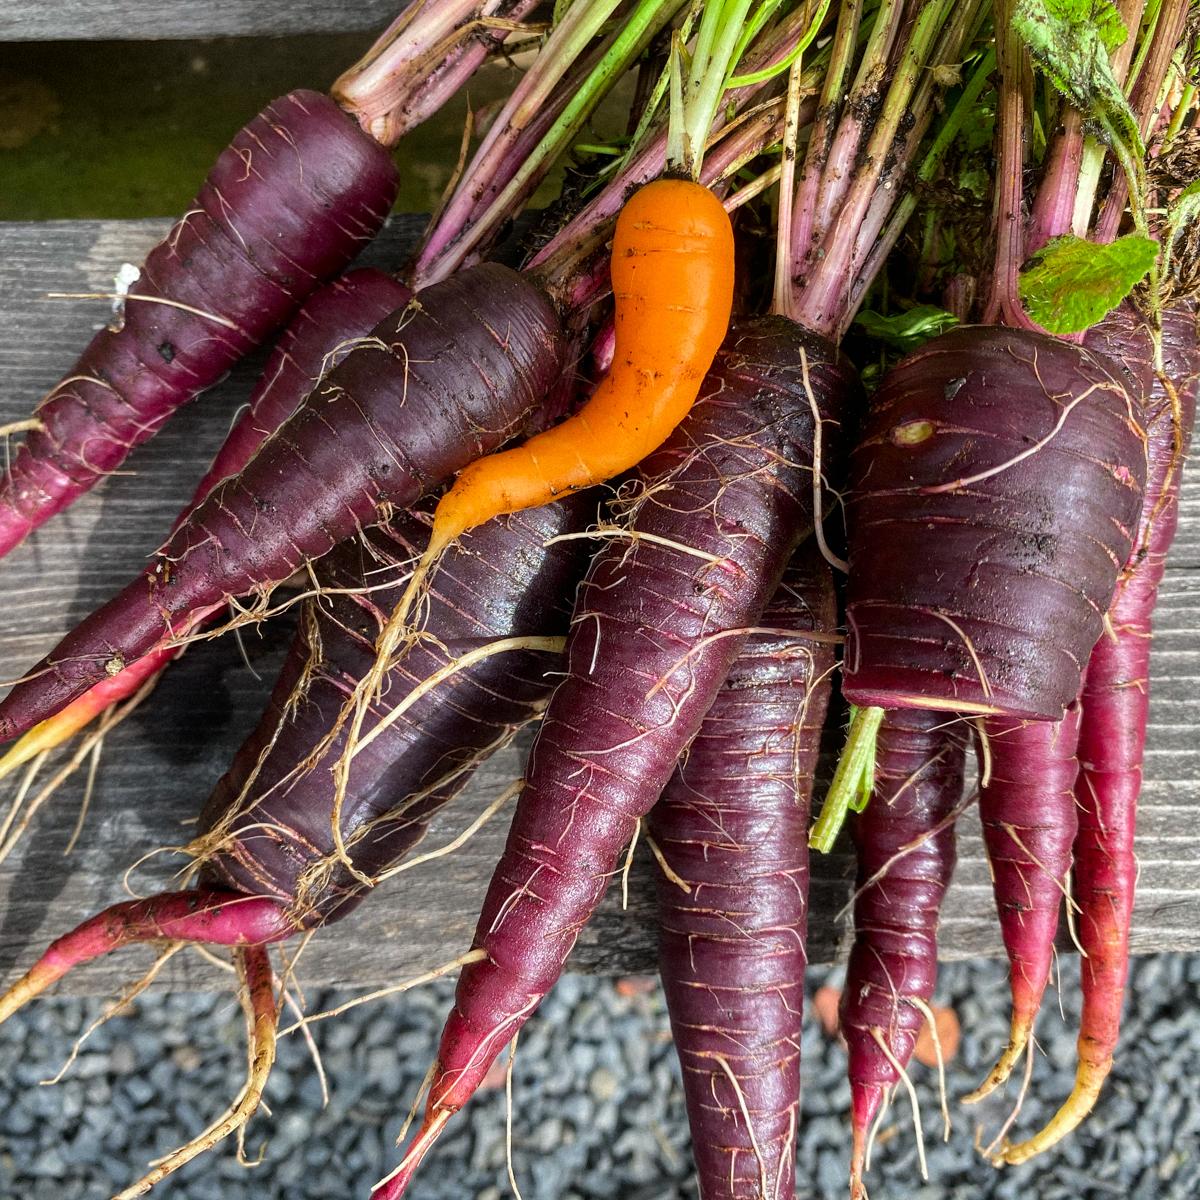 paarse-wortel-kennisbank-07.jpg